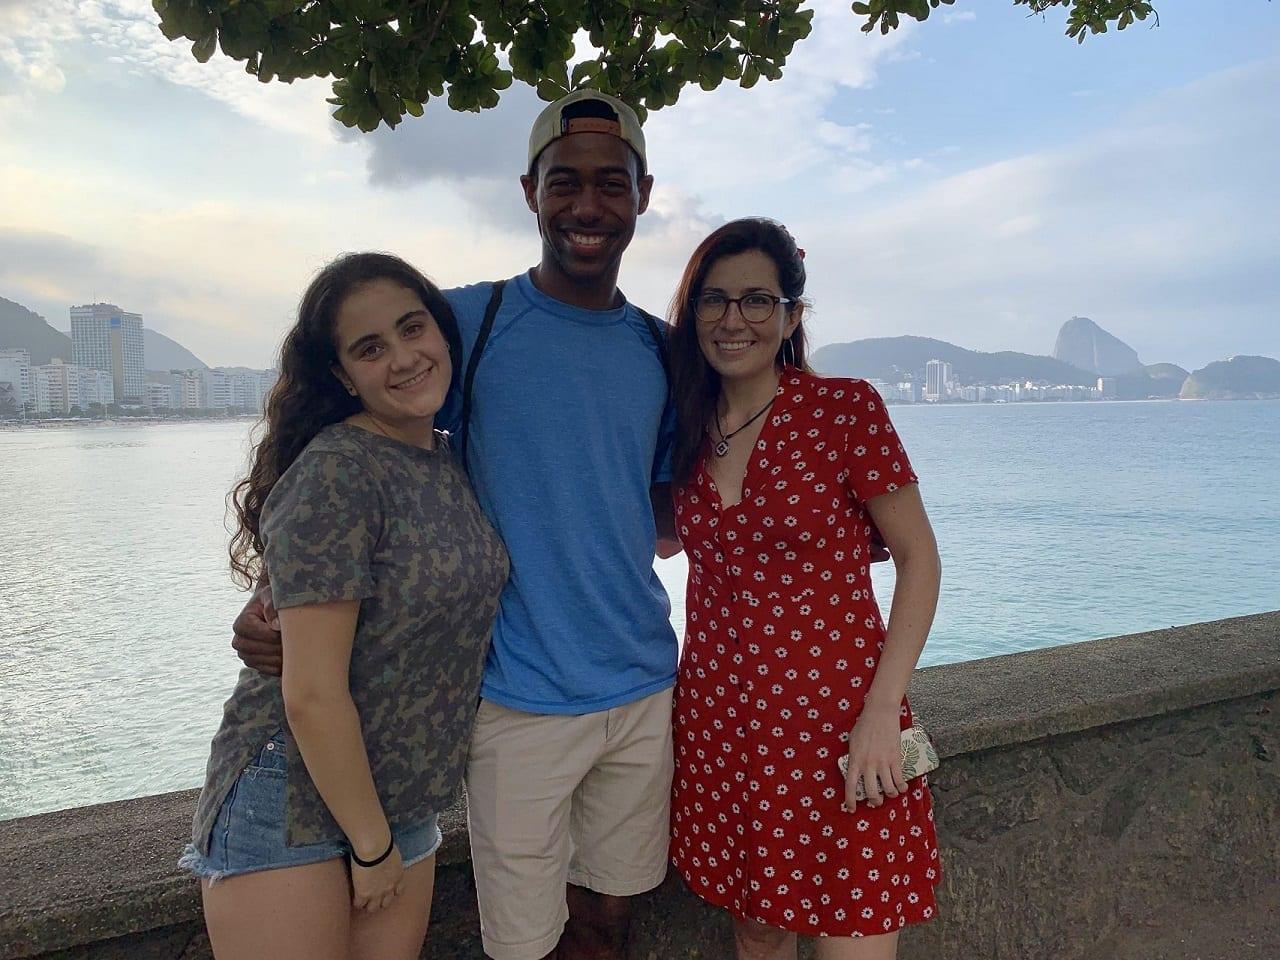 Una tarde dulce en el fuerte de Copacabana.